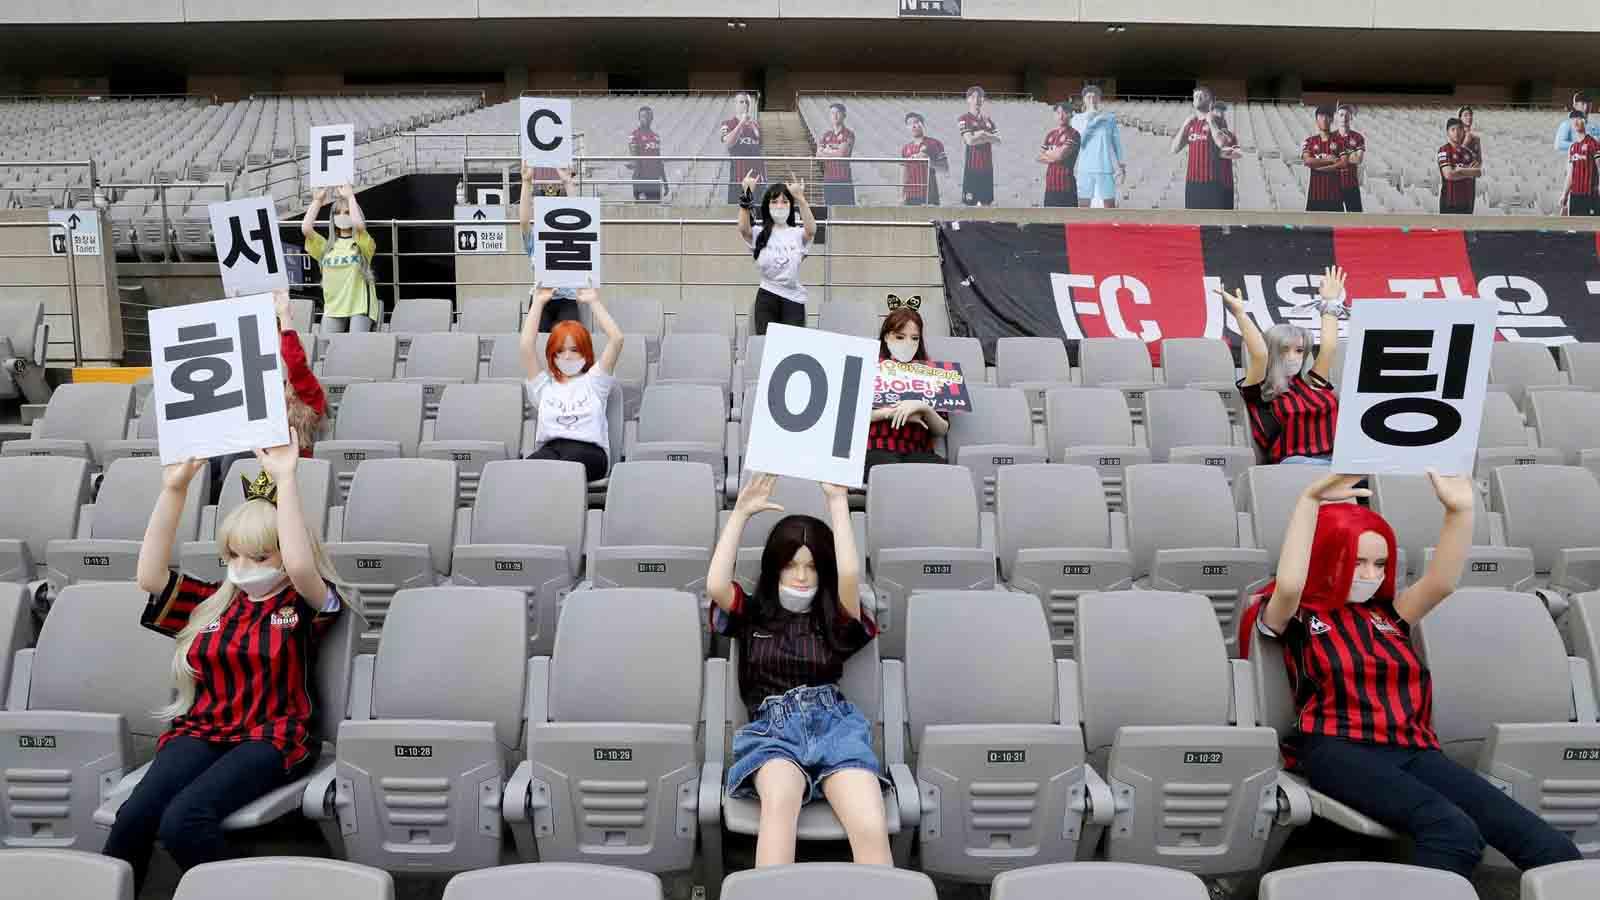 sex dolls in a stadium